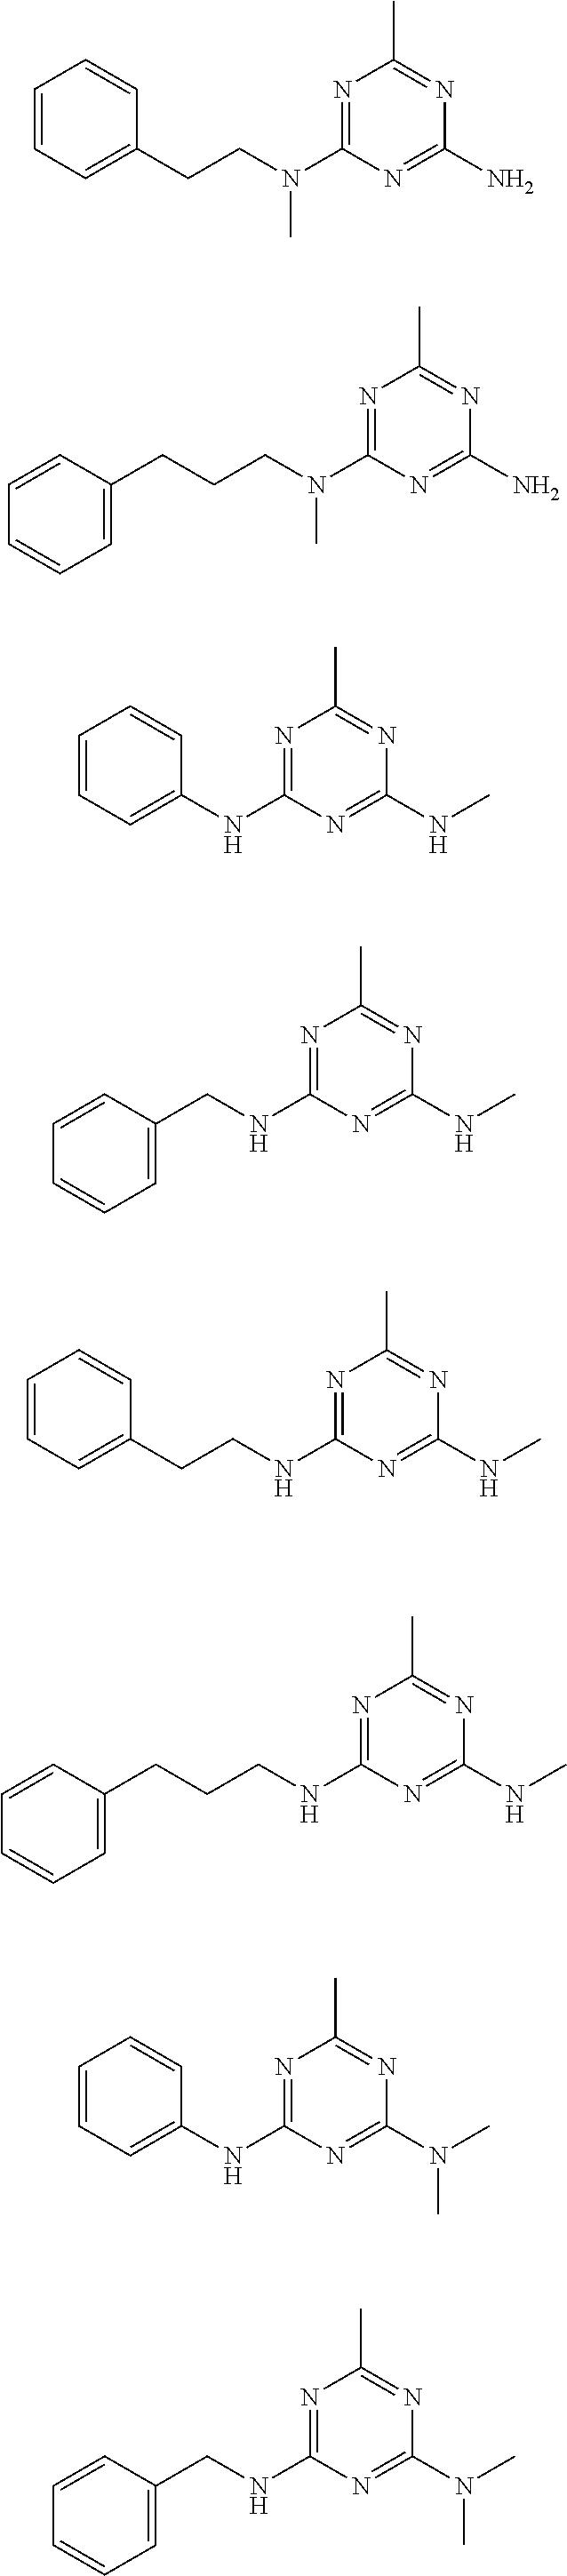 Figure US09480663-20161101-C00108